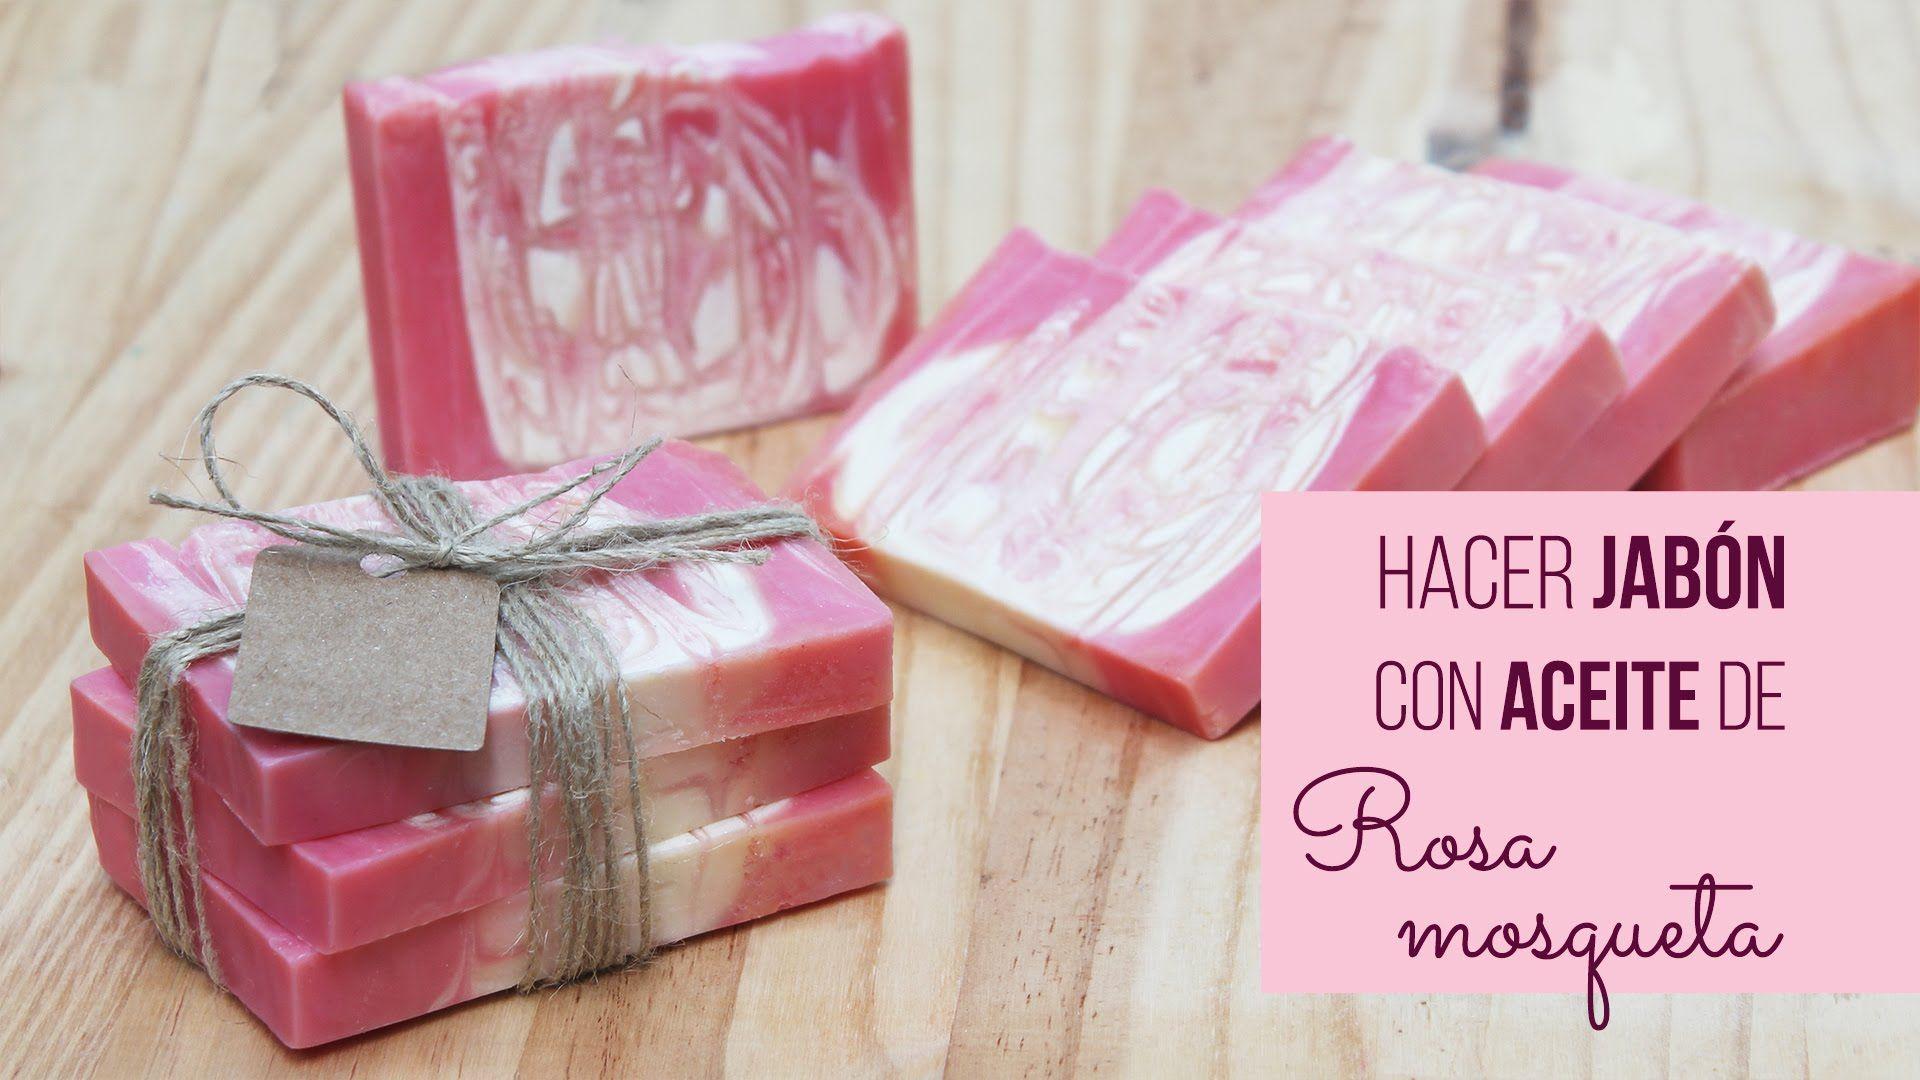 Hacer jabón con aceite de rosa mosqueta | Hacer...Jabones ...